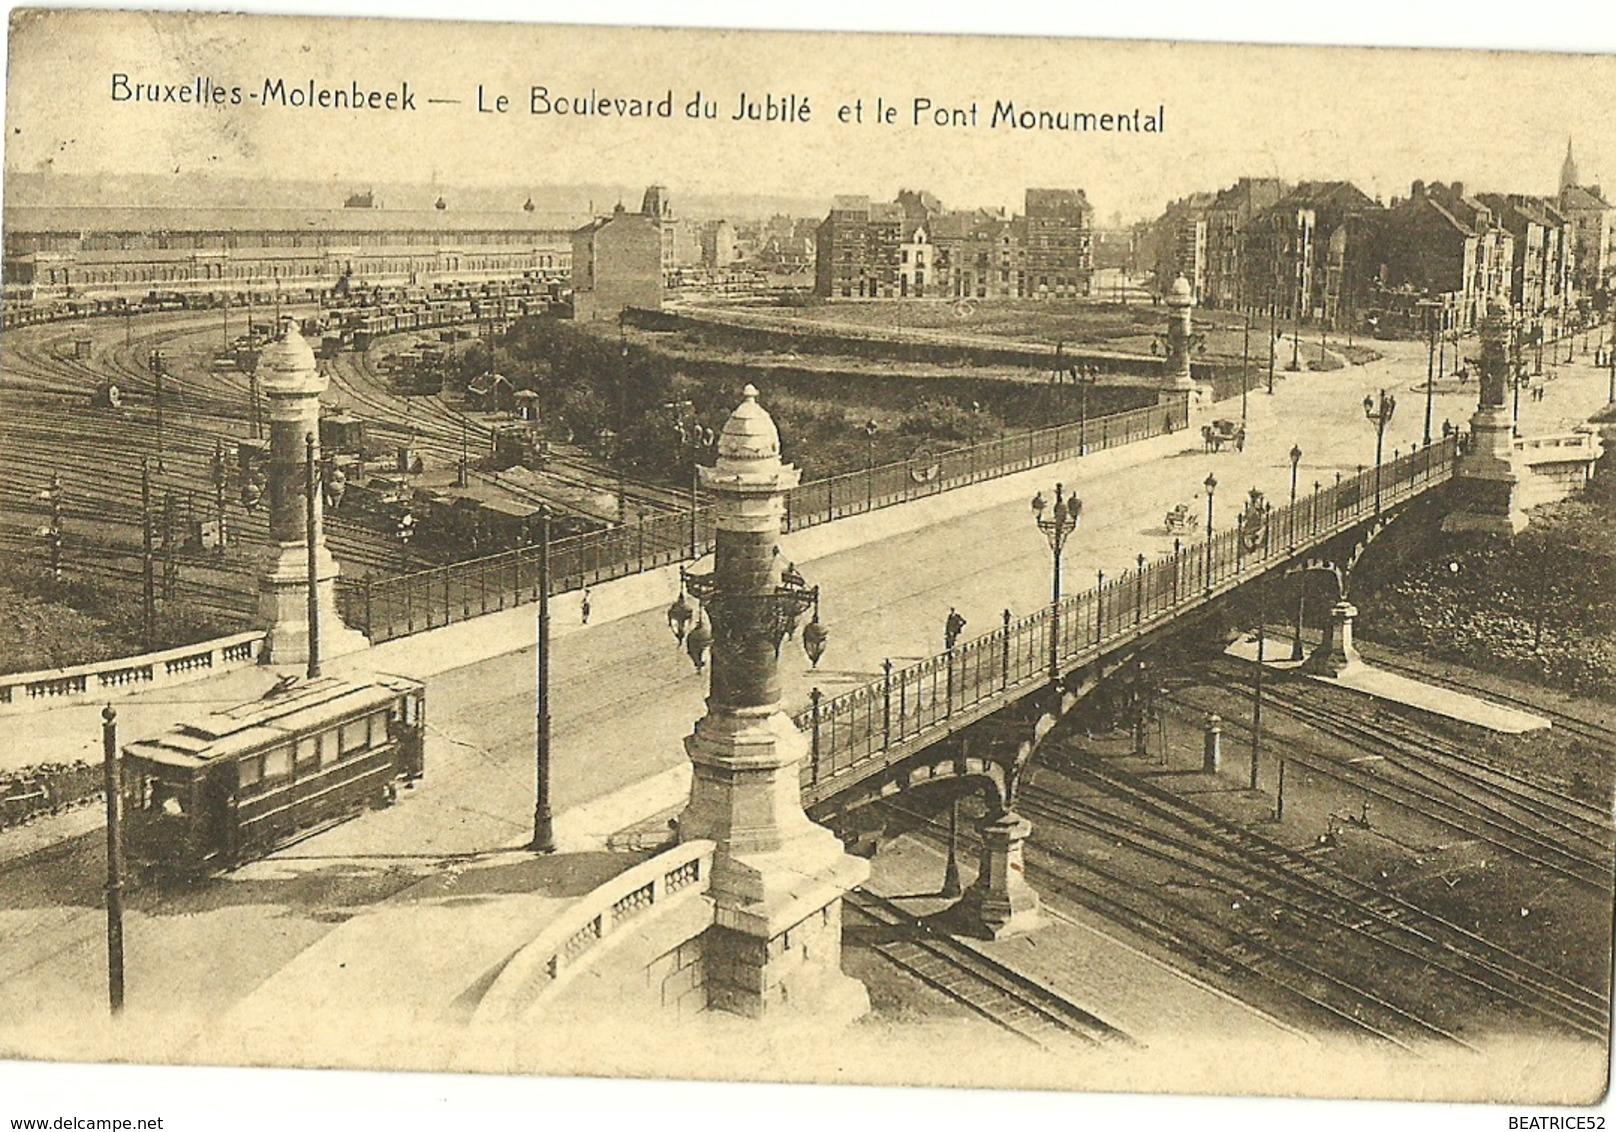 BRUXELLES MOLENBEEK LE BOULEVARD DU JUBILE ET LE PONT MONUMENTAL + PASSAGE D UN TRAM TRAMWAY SUR LE PONT DE LA GARE - Molenbeek-St-Jean - St-Jans-Molenbeek